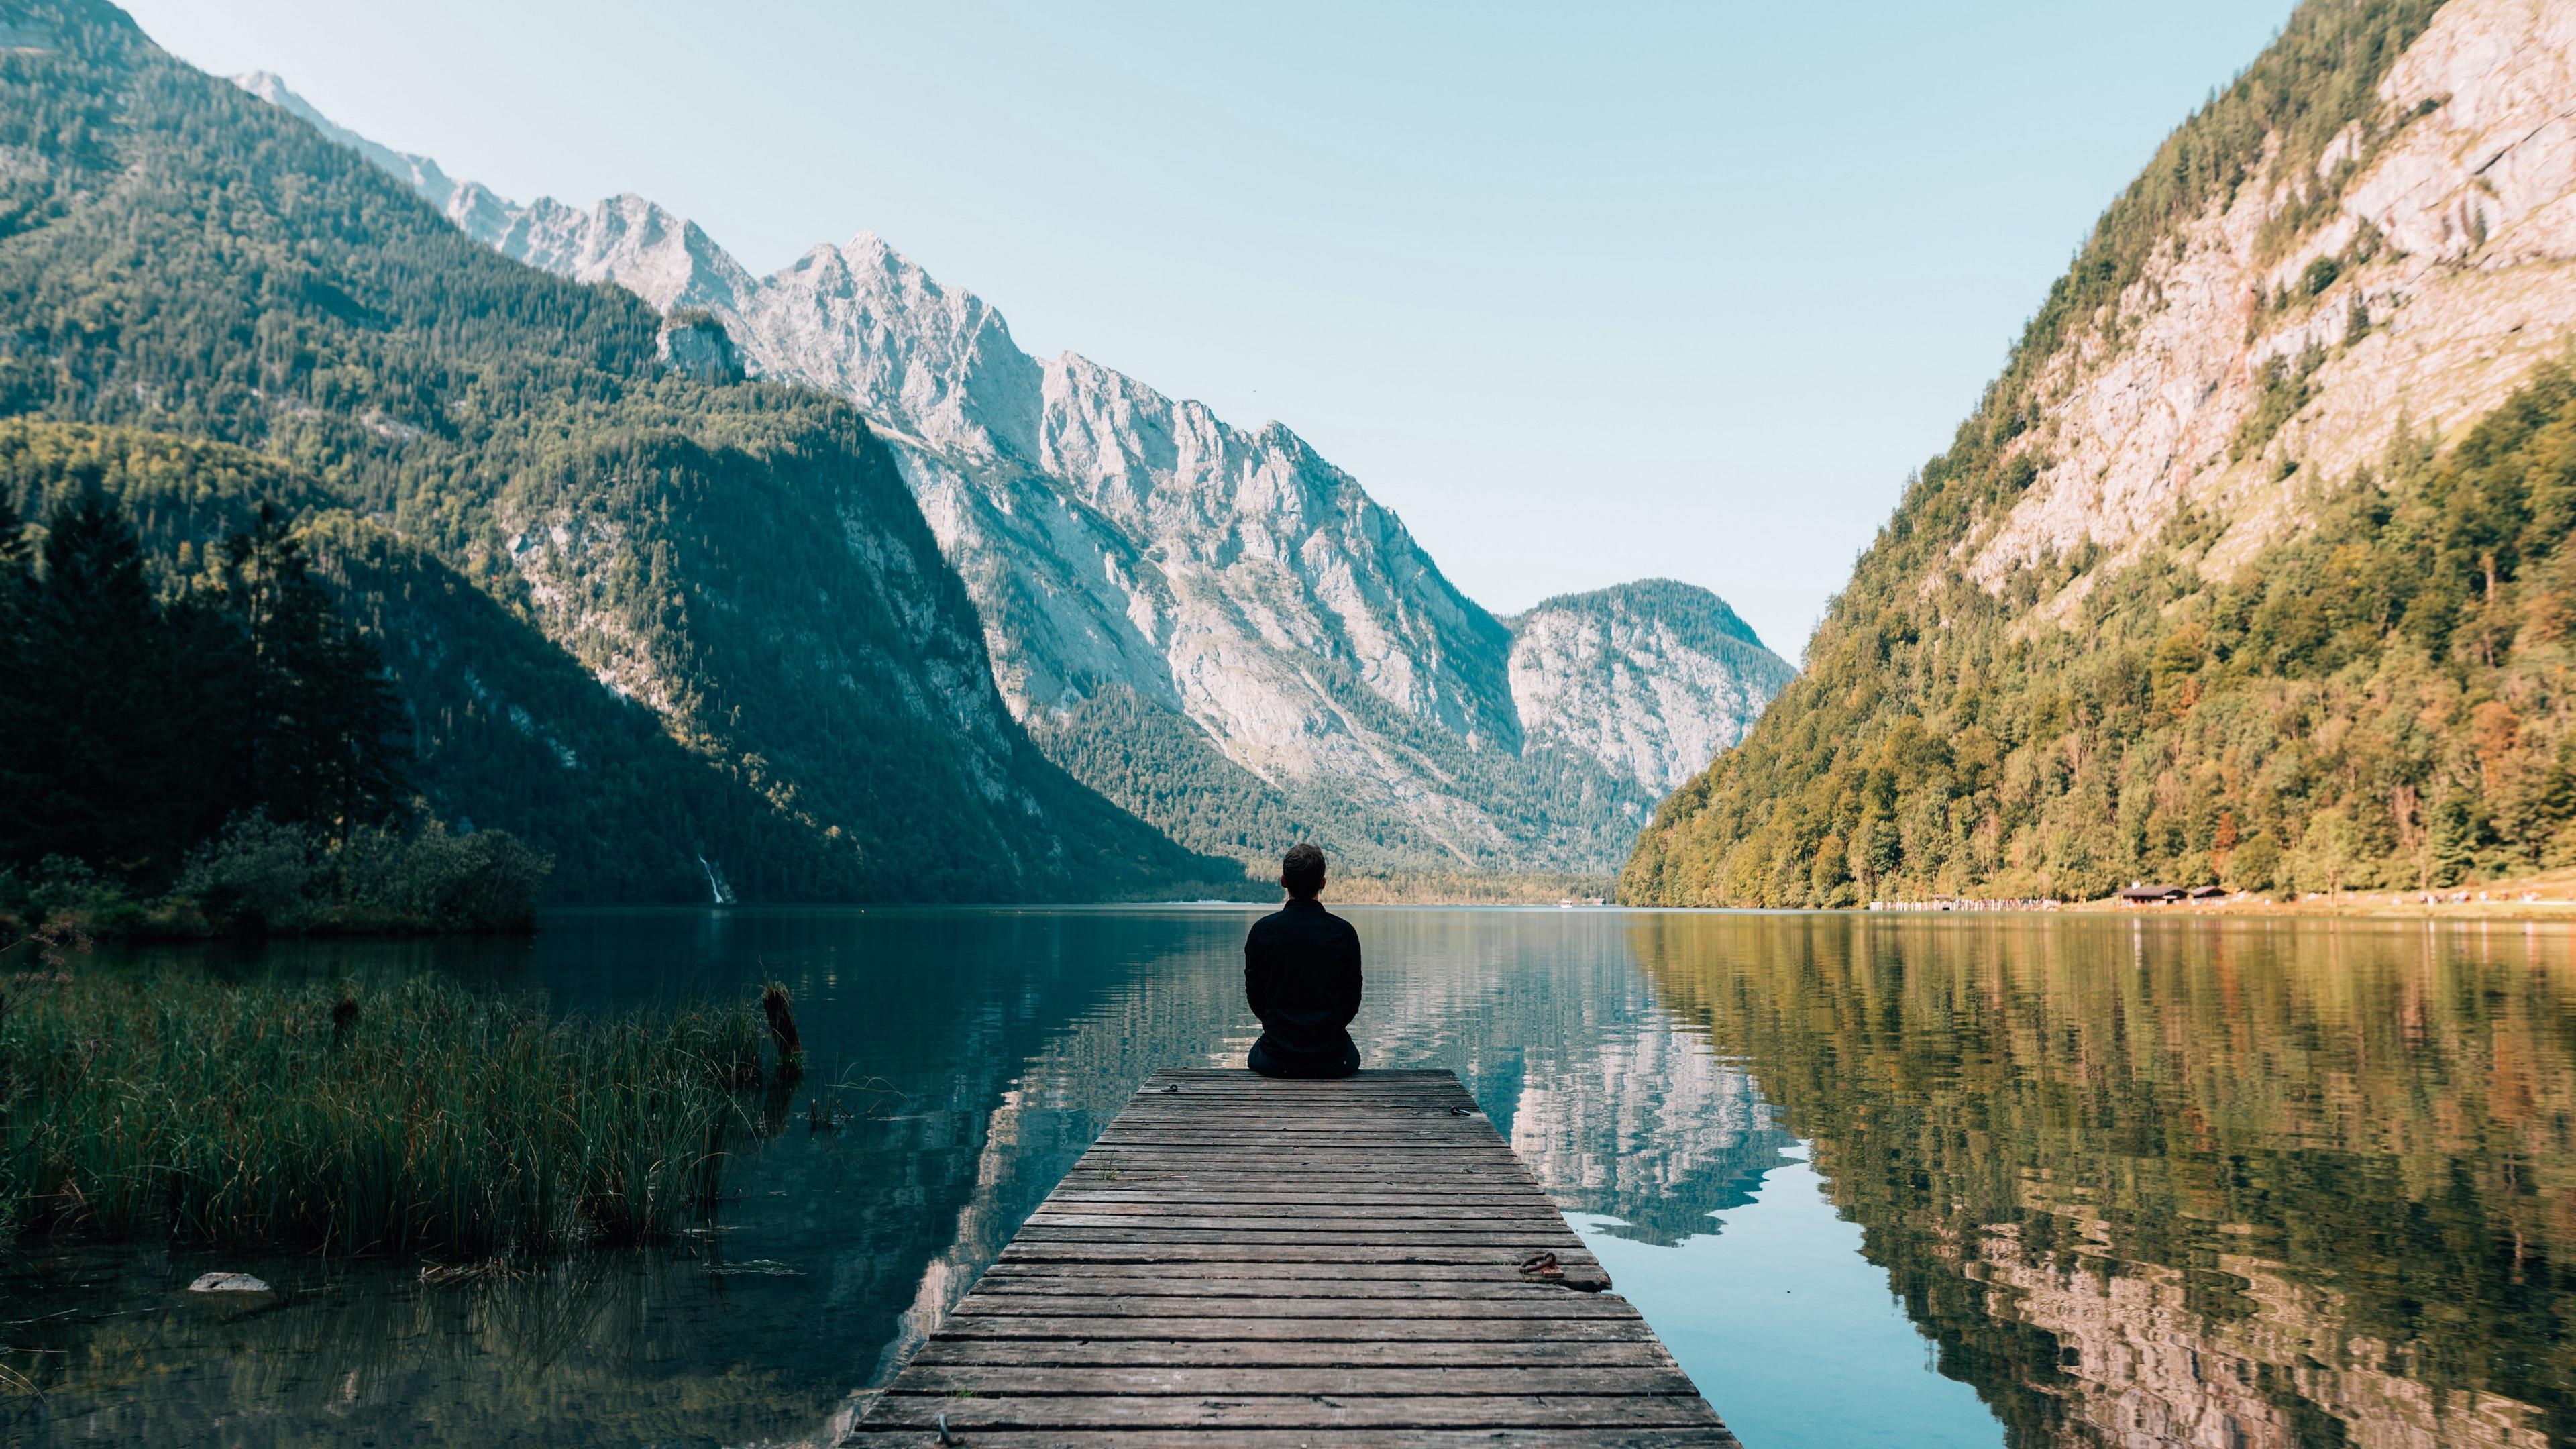 mountains alone lake pier solitude 4k 1541113695 - mountains, alone, lake, pier, solitude 4k - Mountains, Lake, Alone